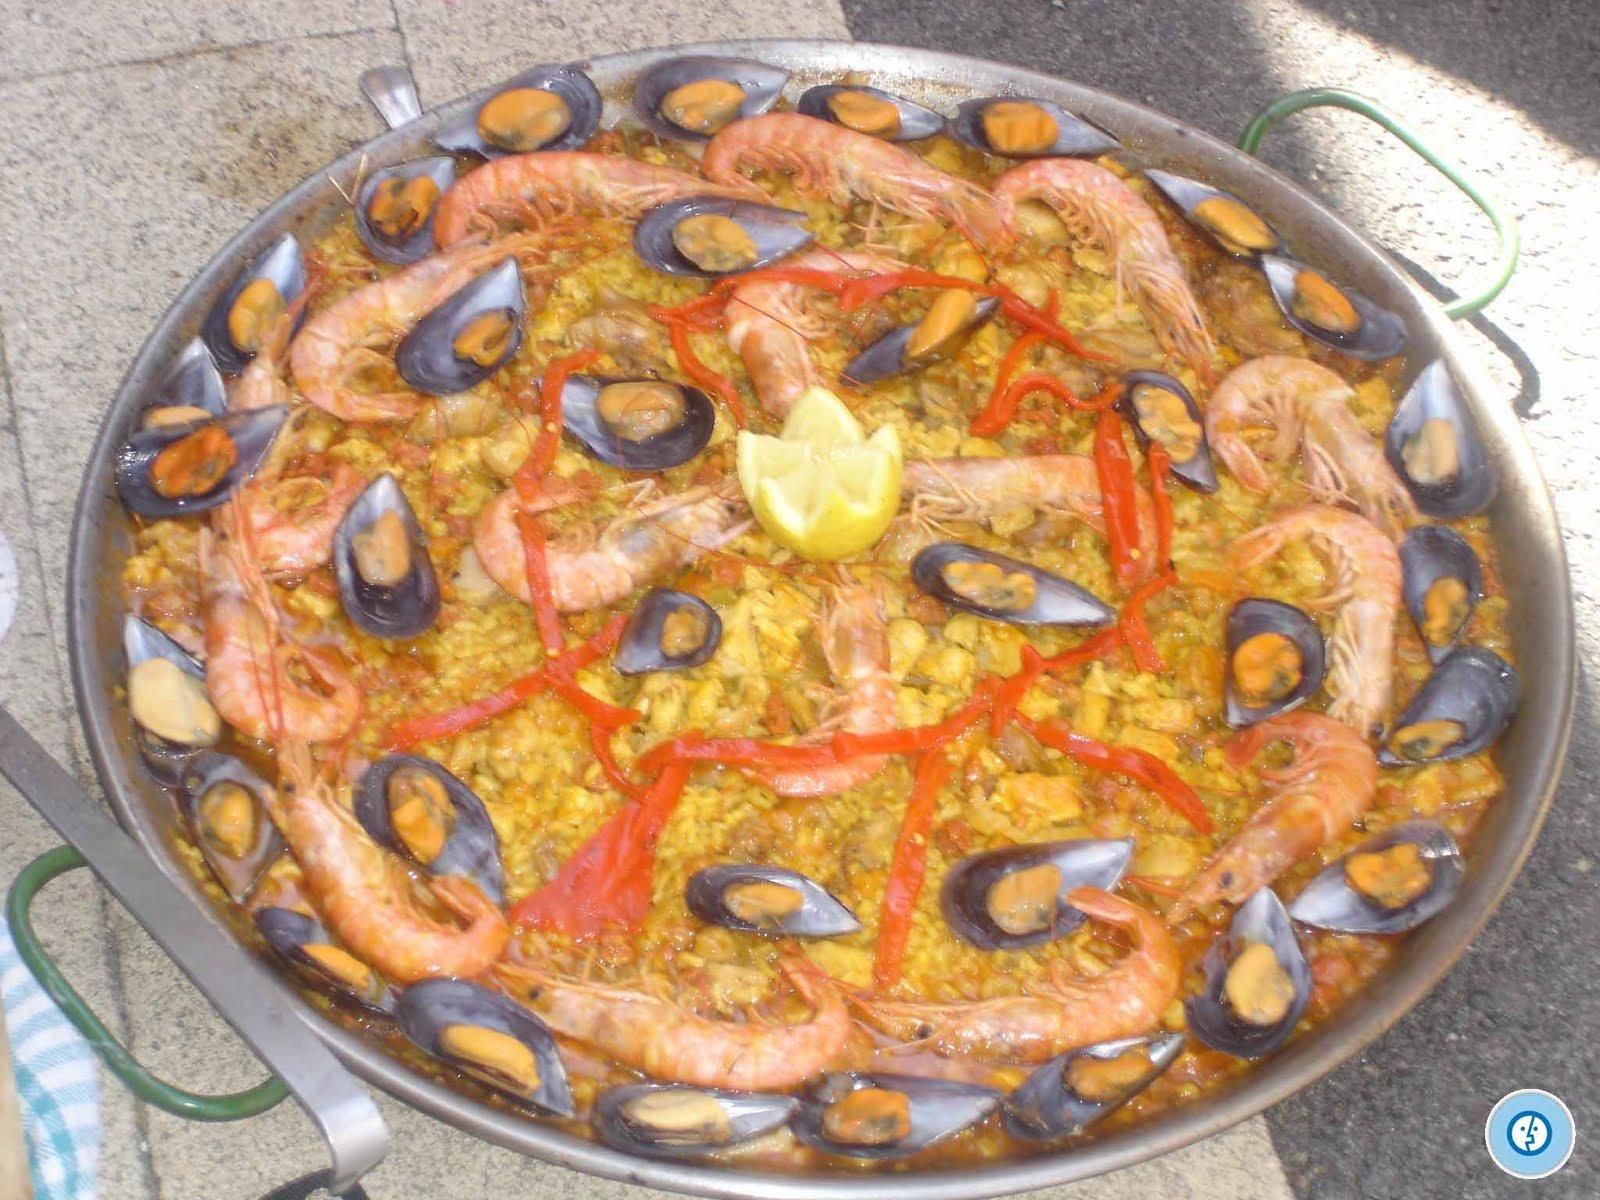 Asociacion amigos de barcebal cambio dia comida semana for Comida semana santa